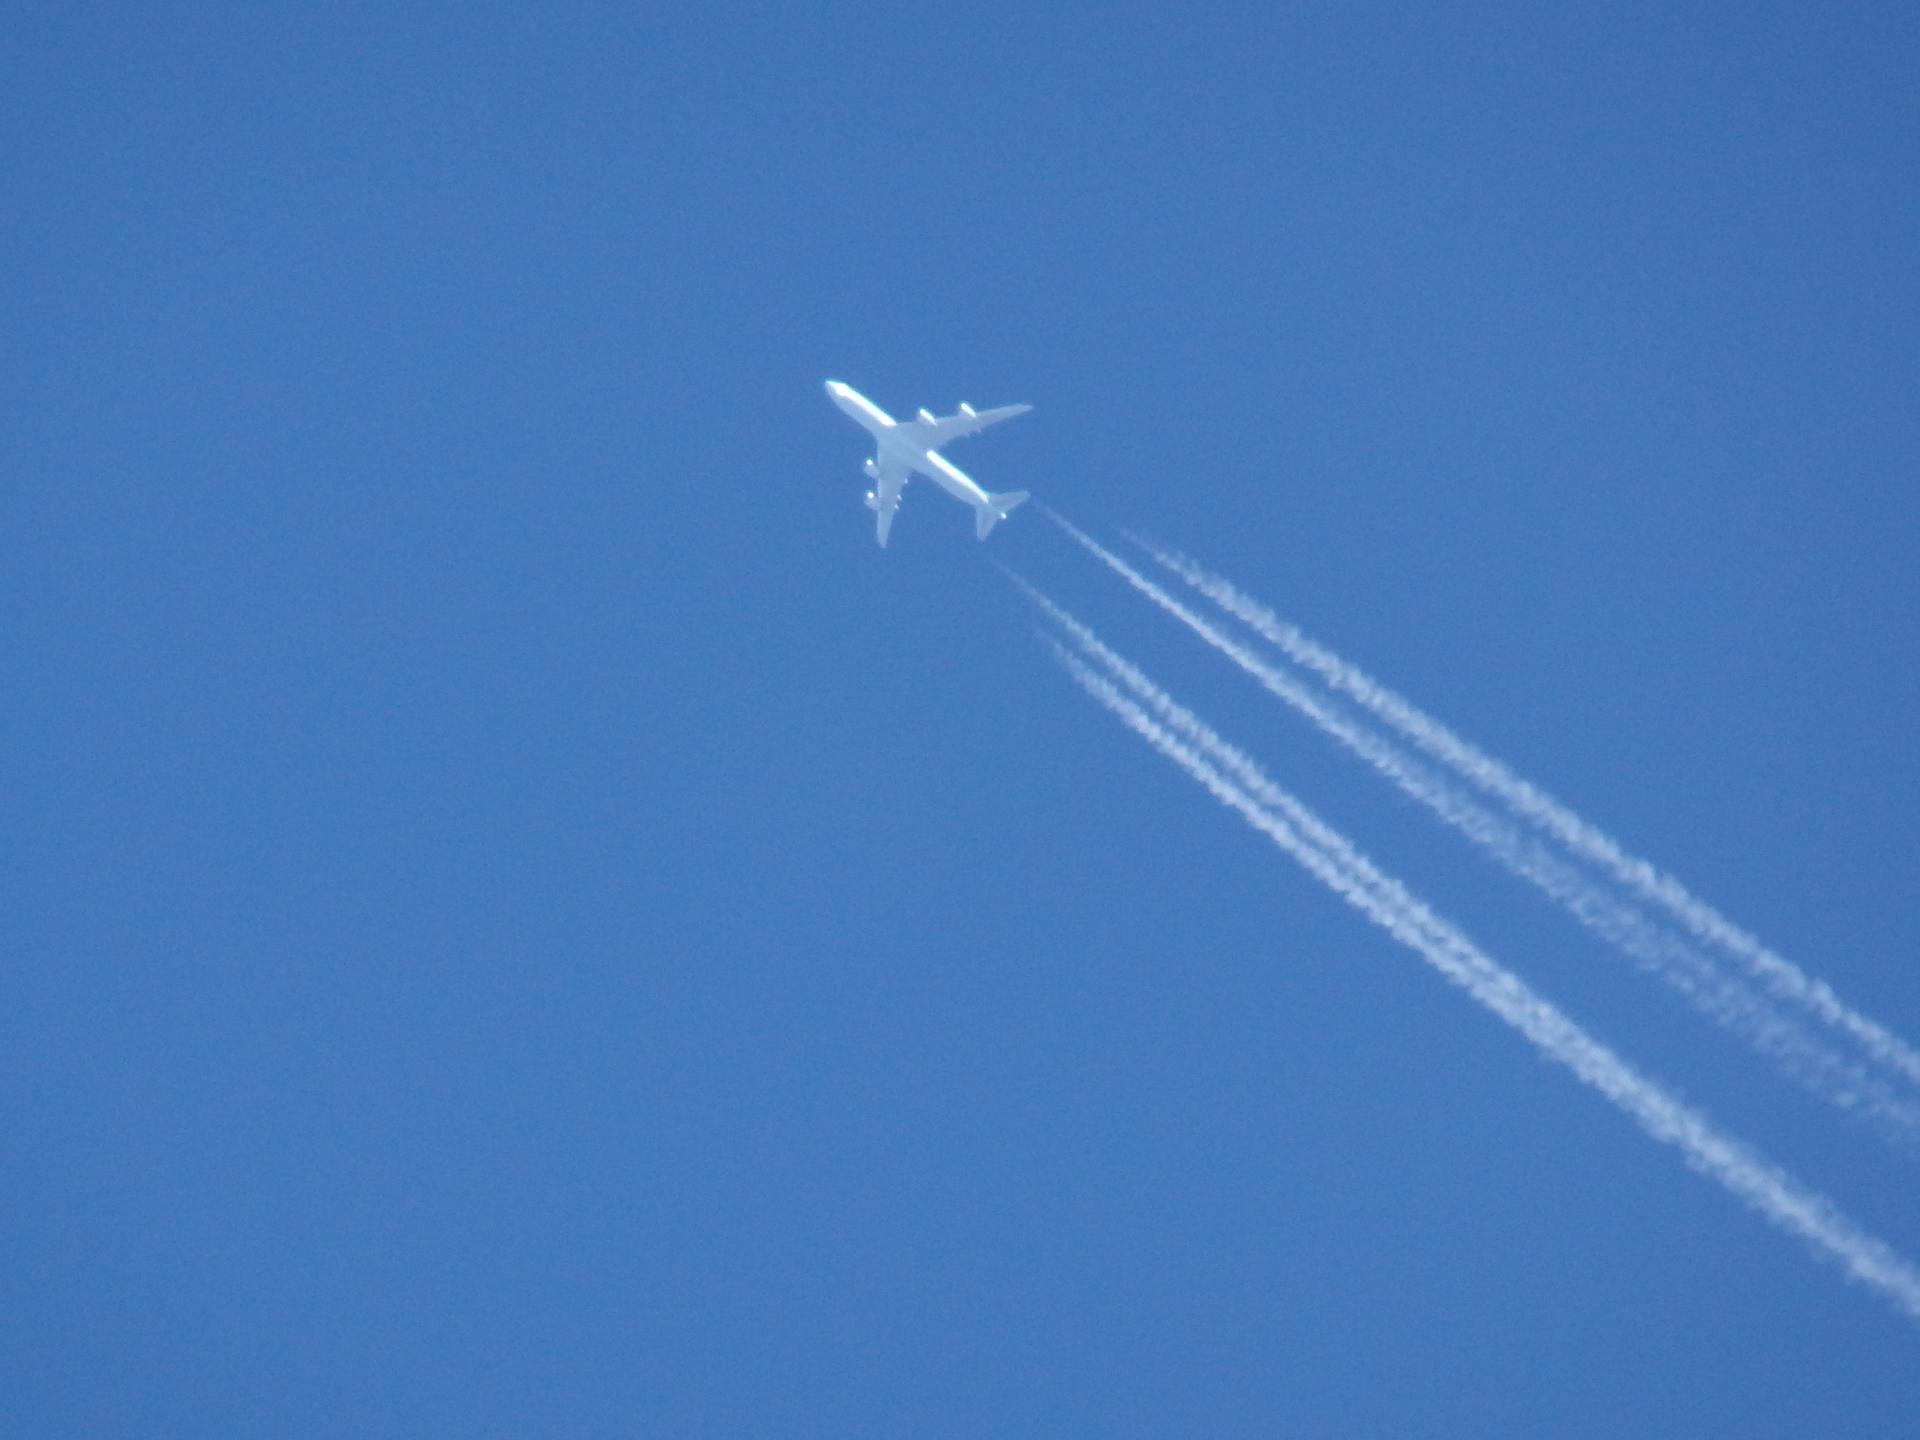 キャセイパシフィック航空のB747らしい。